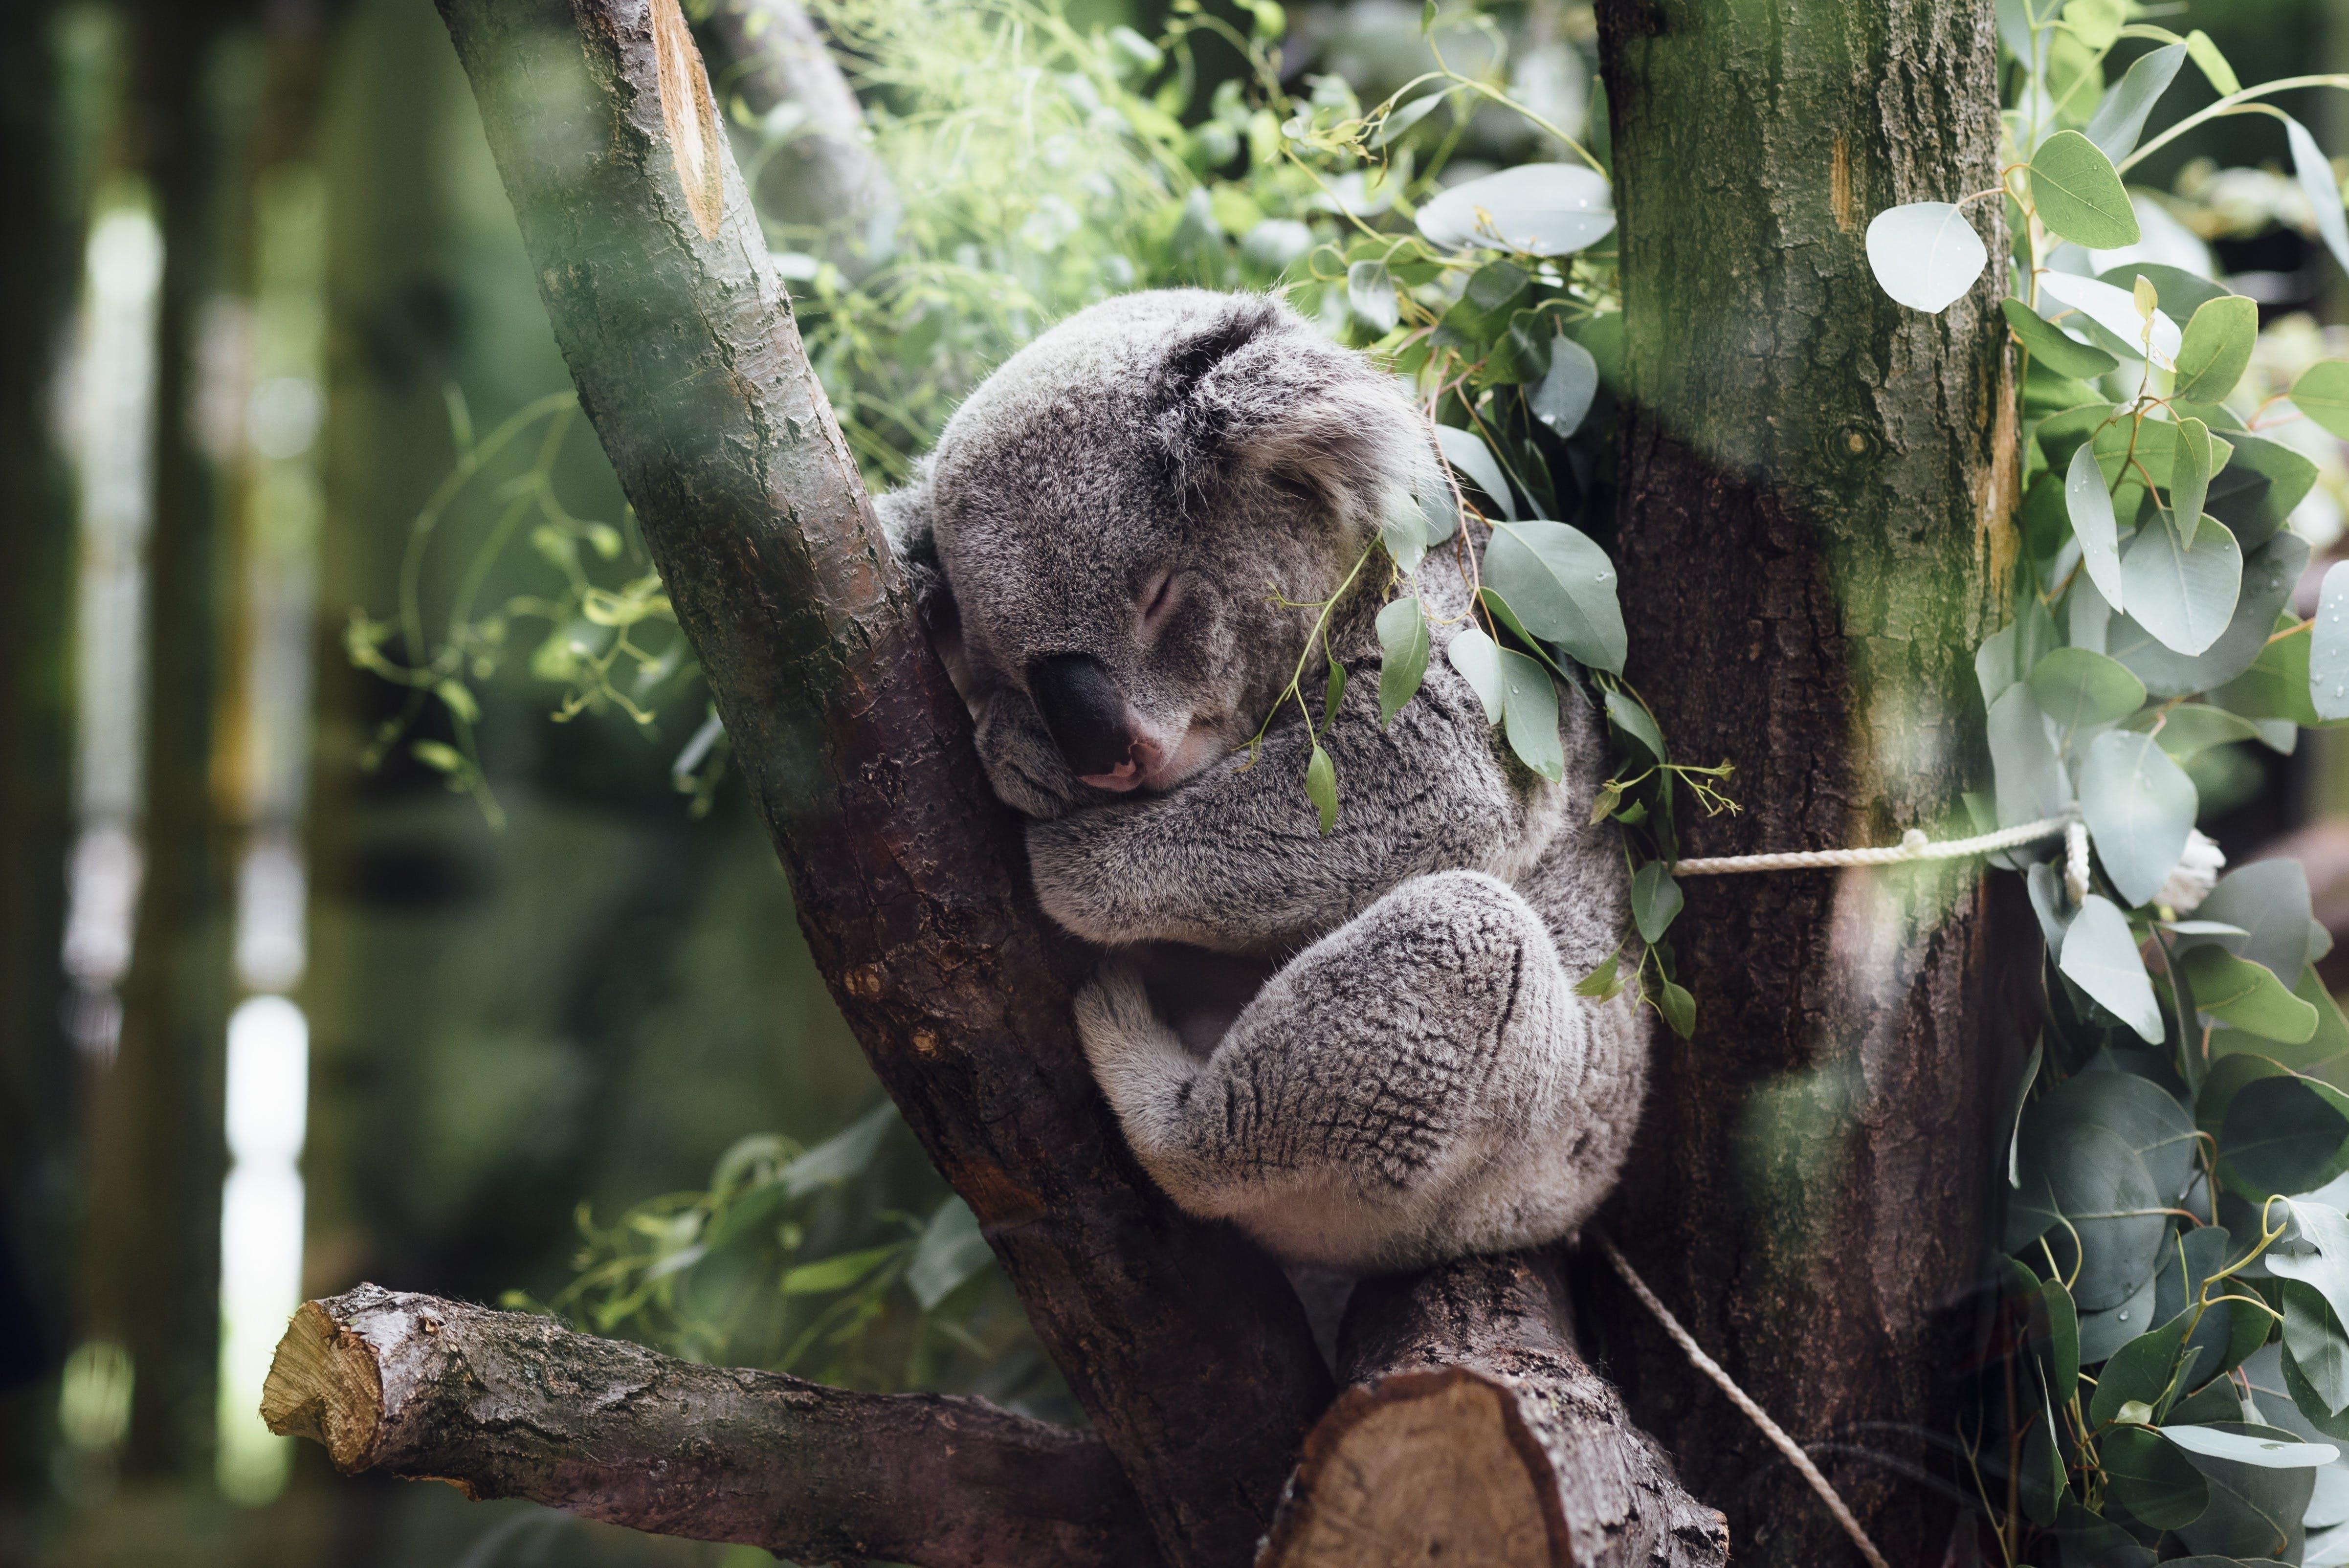 Titelbild-Koala-schlafen-Meeting-Marathon-Tiere-2608662-pixabay-StockSnap